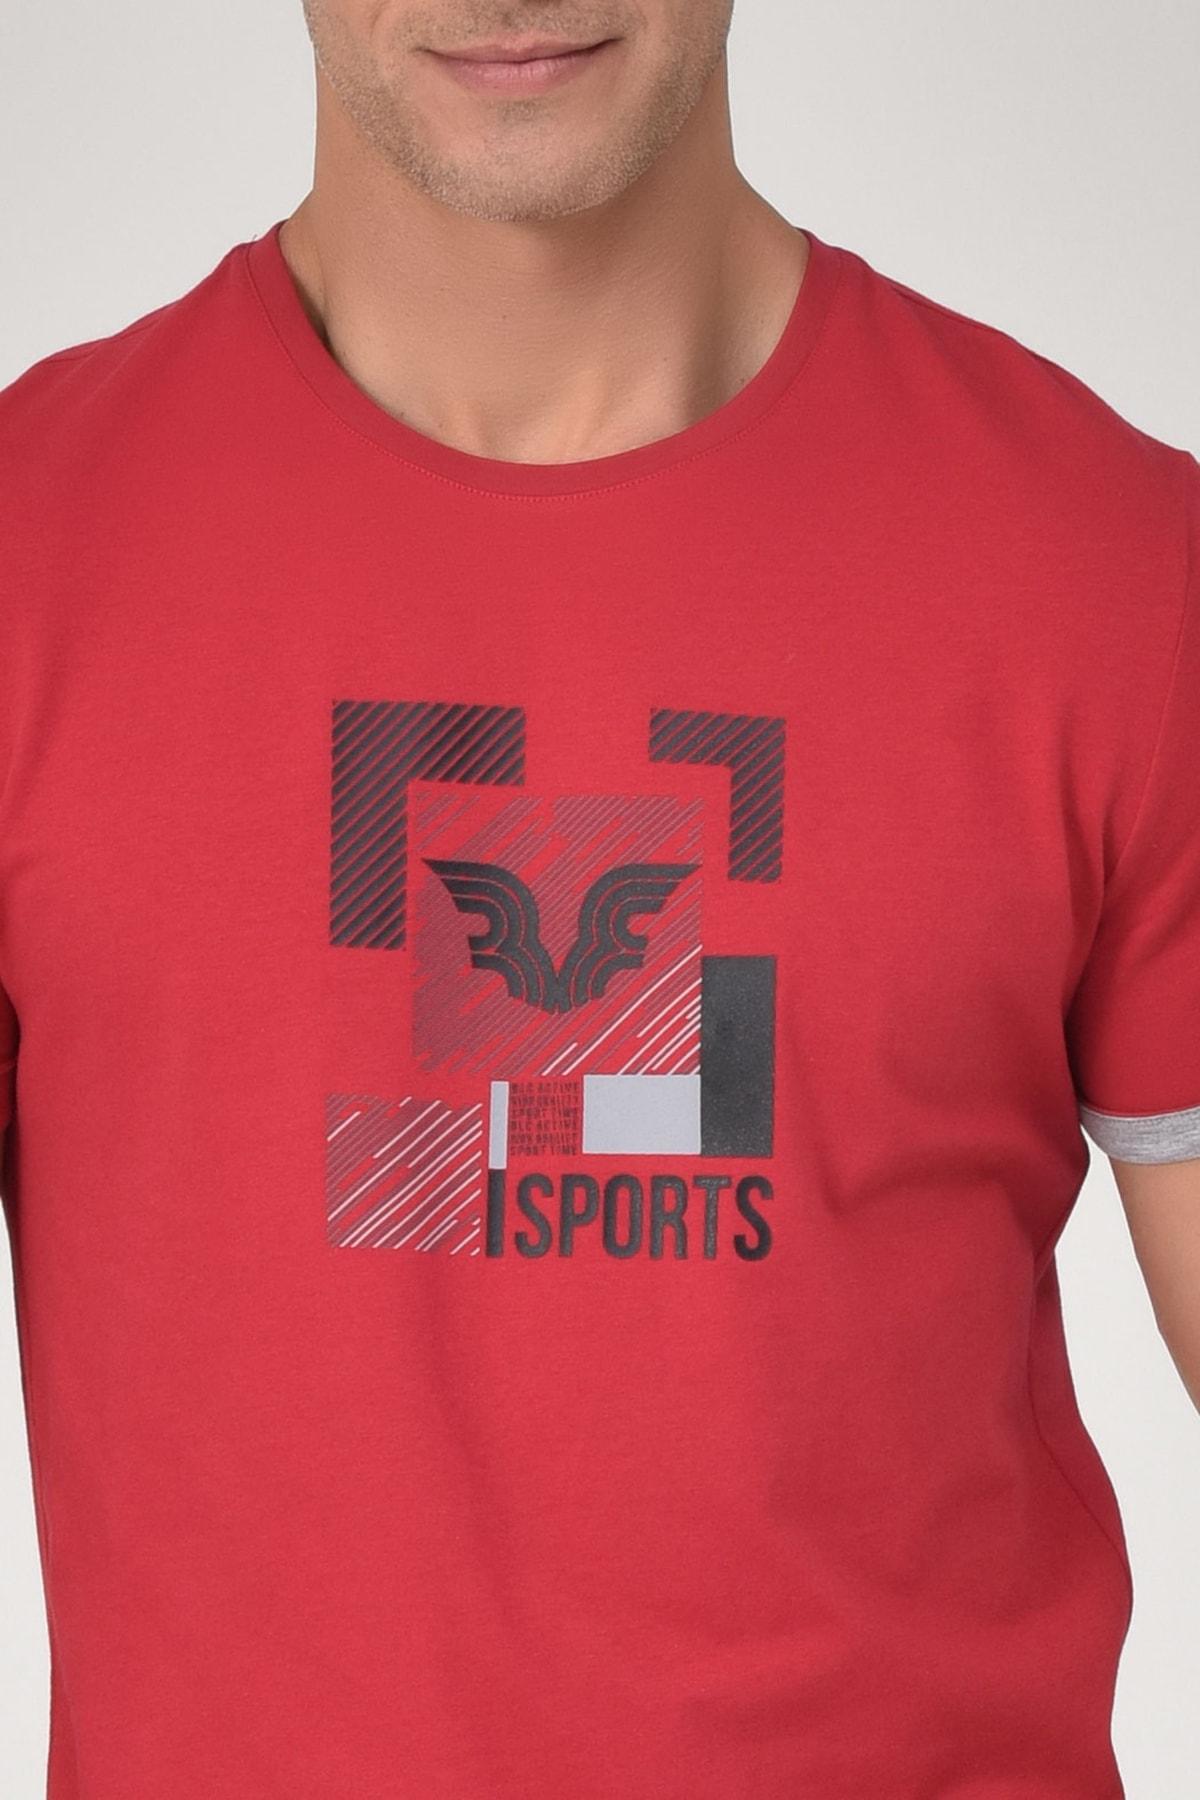 bilcee Kırmızı Erkek T-Shirt GS-8807 2